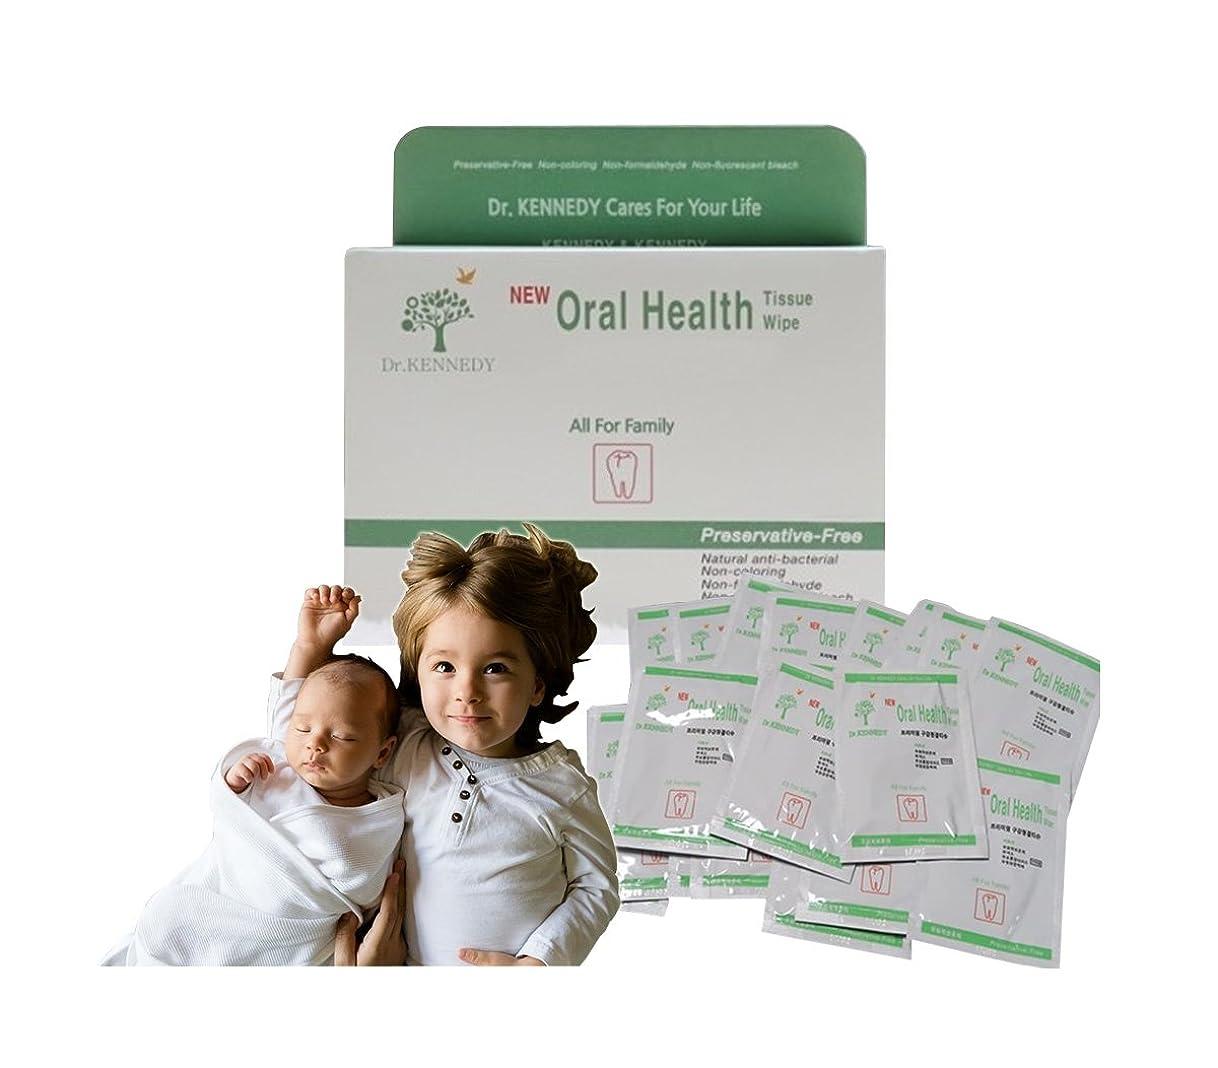 50枚 ベビーケアデンタルケア 安全 成分 歯磨き代用 幼兒 乳歯 口腔健康 Cotton ティッシュぺーパー 並行輸入